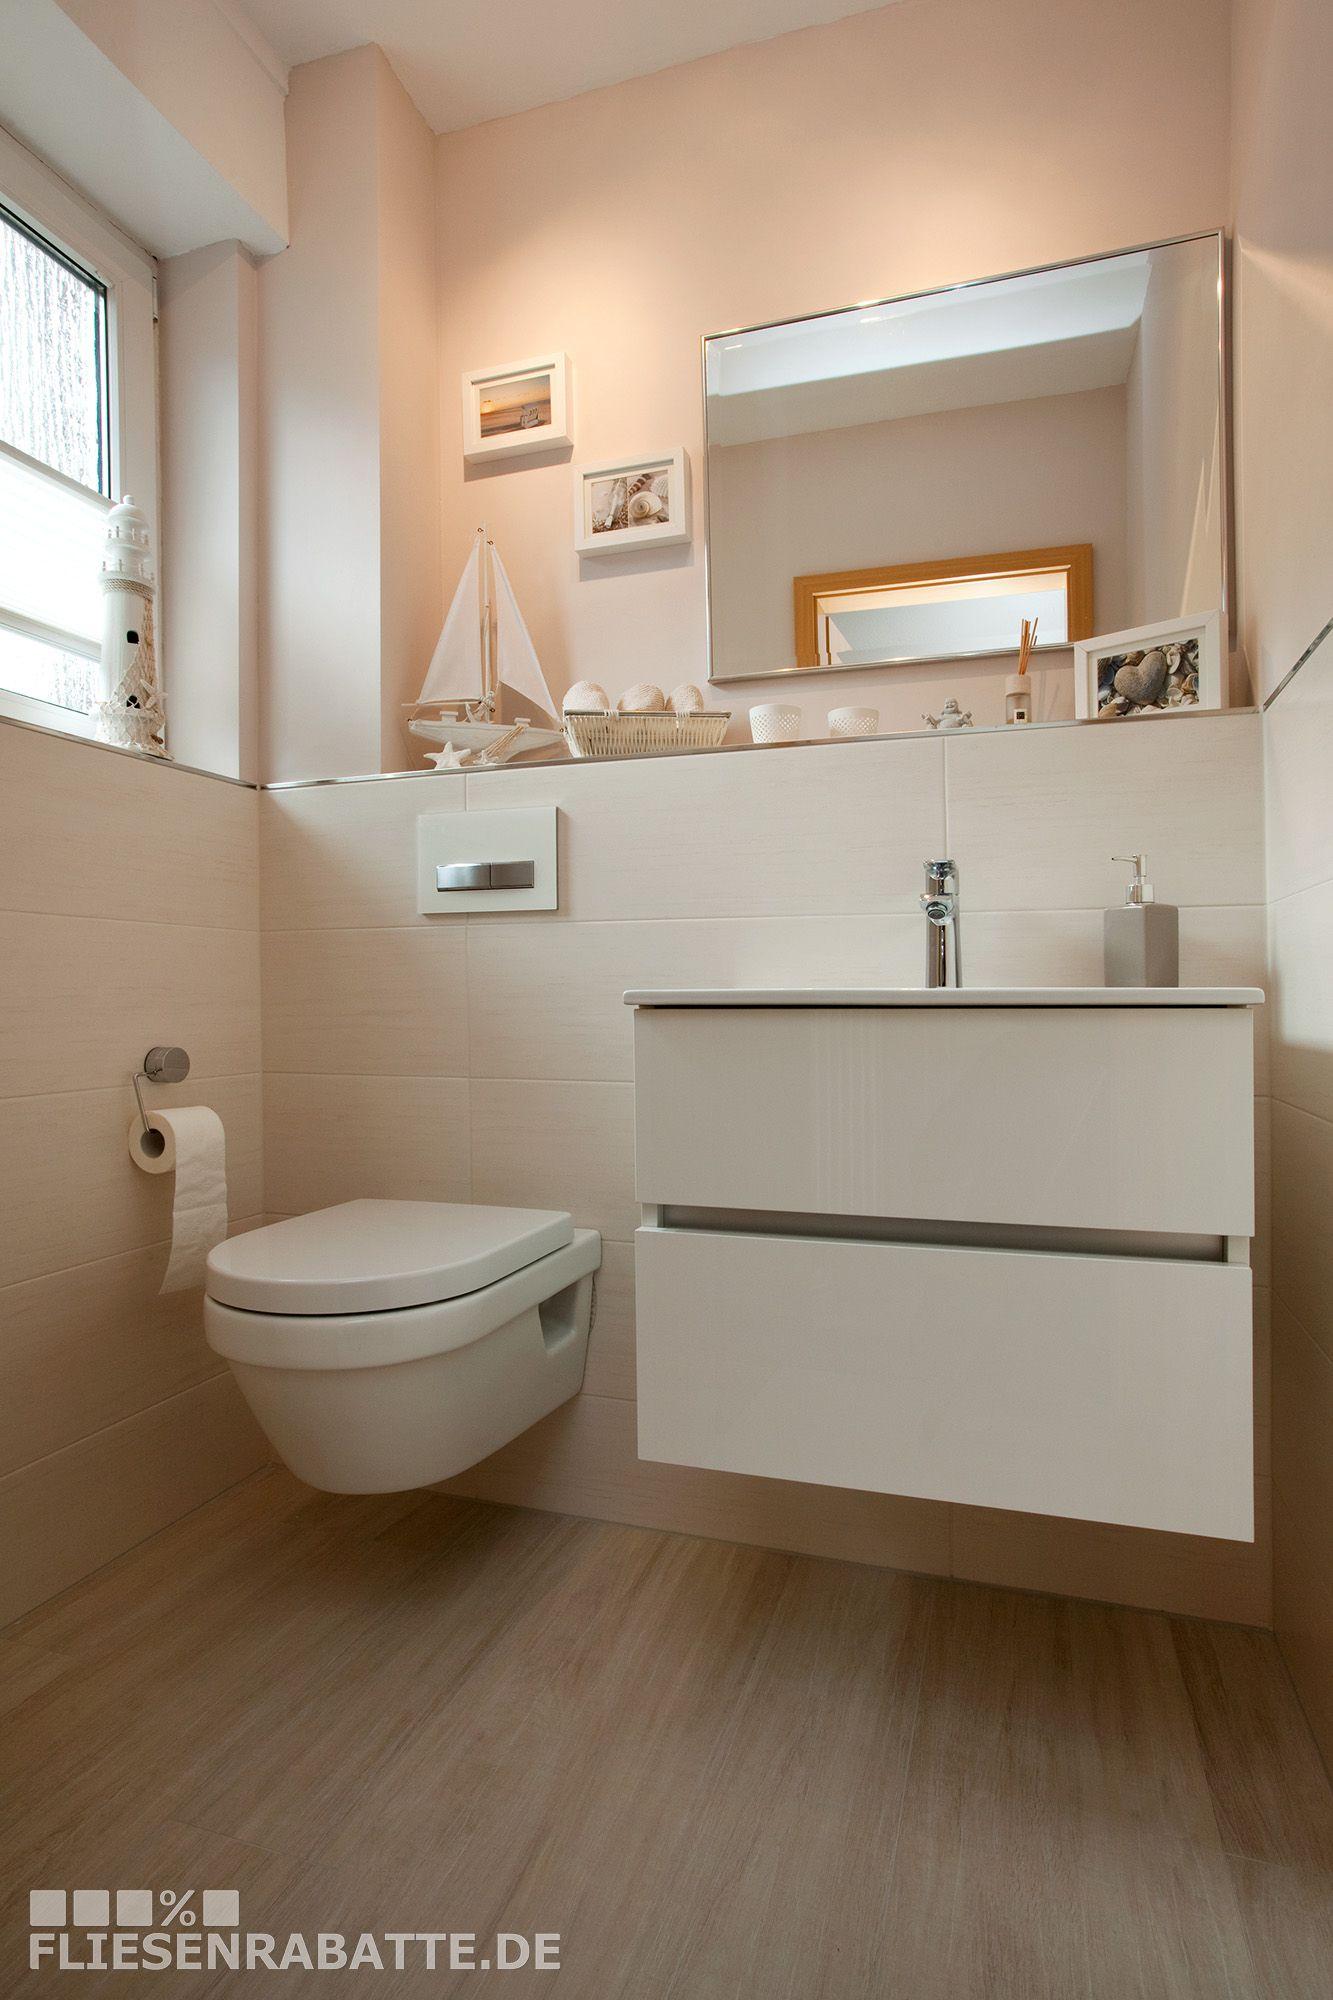 Wunderbar Verlegung Der Fliesen Vom Flur Eingangsbereich Direkt Mit In Das  Angrenzende Gäste WC.